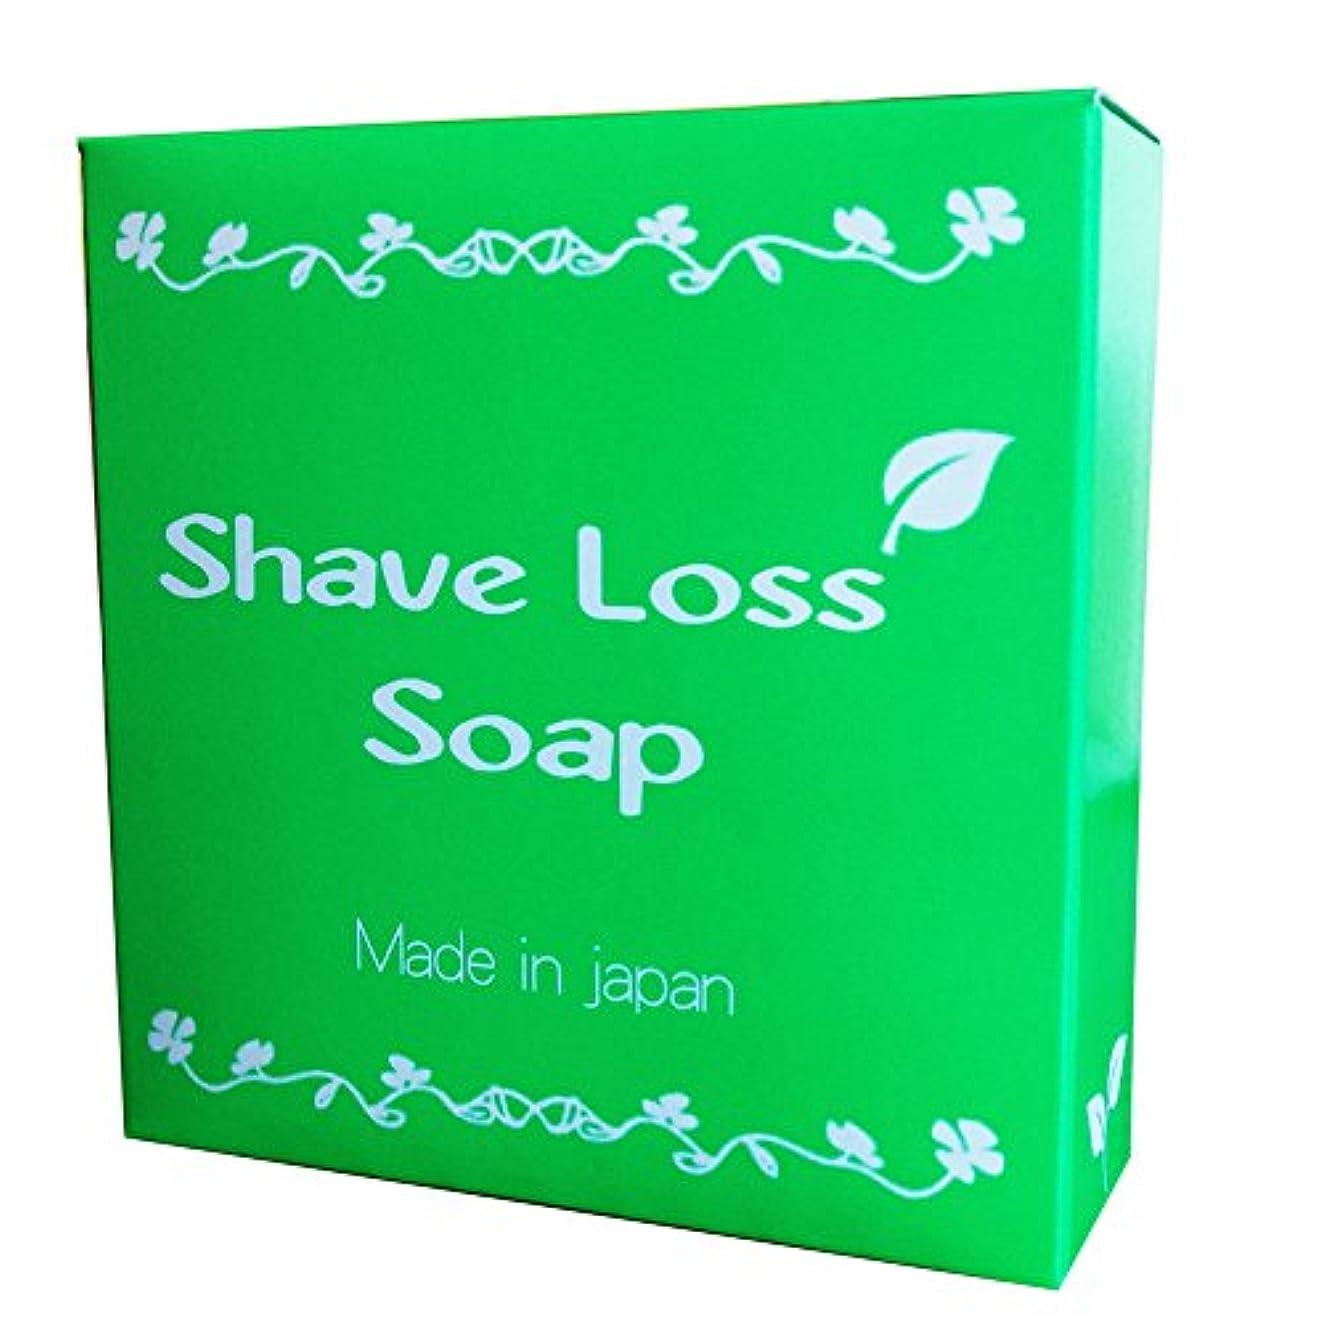 思慮のないに対してトラブルShave Loss Soap 女性のツルツルを叶える 奇跡の石鹸 80g (1個)